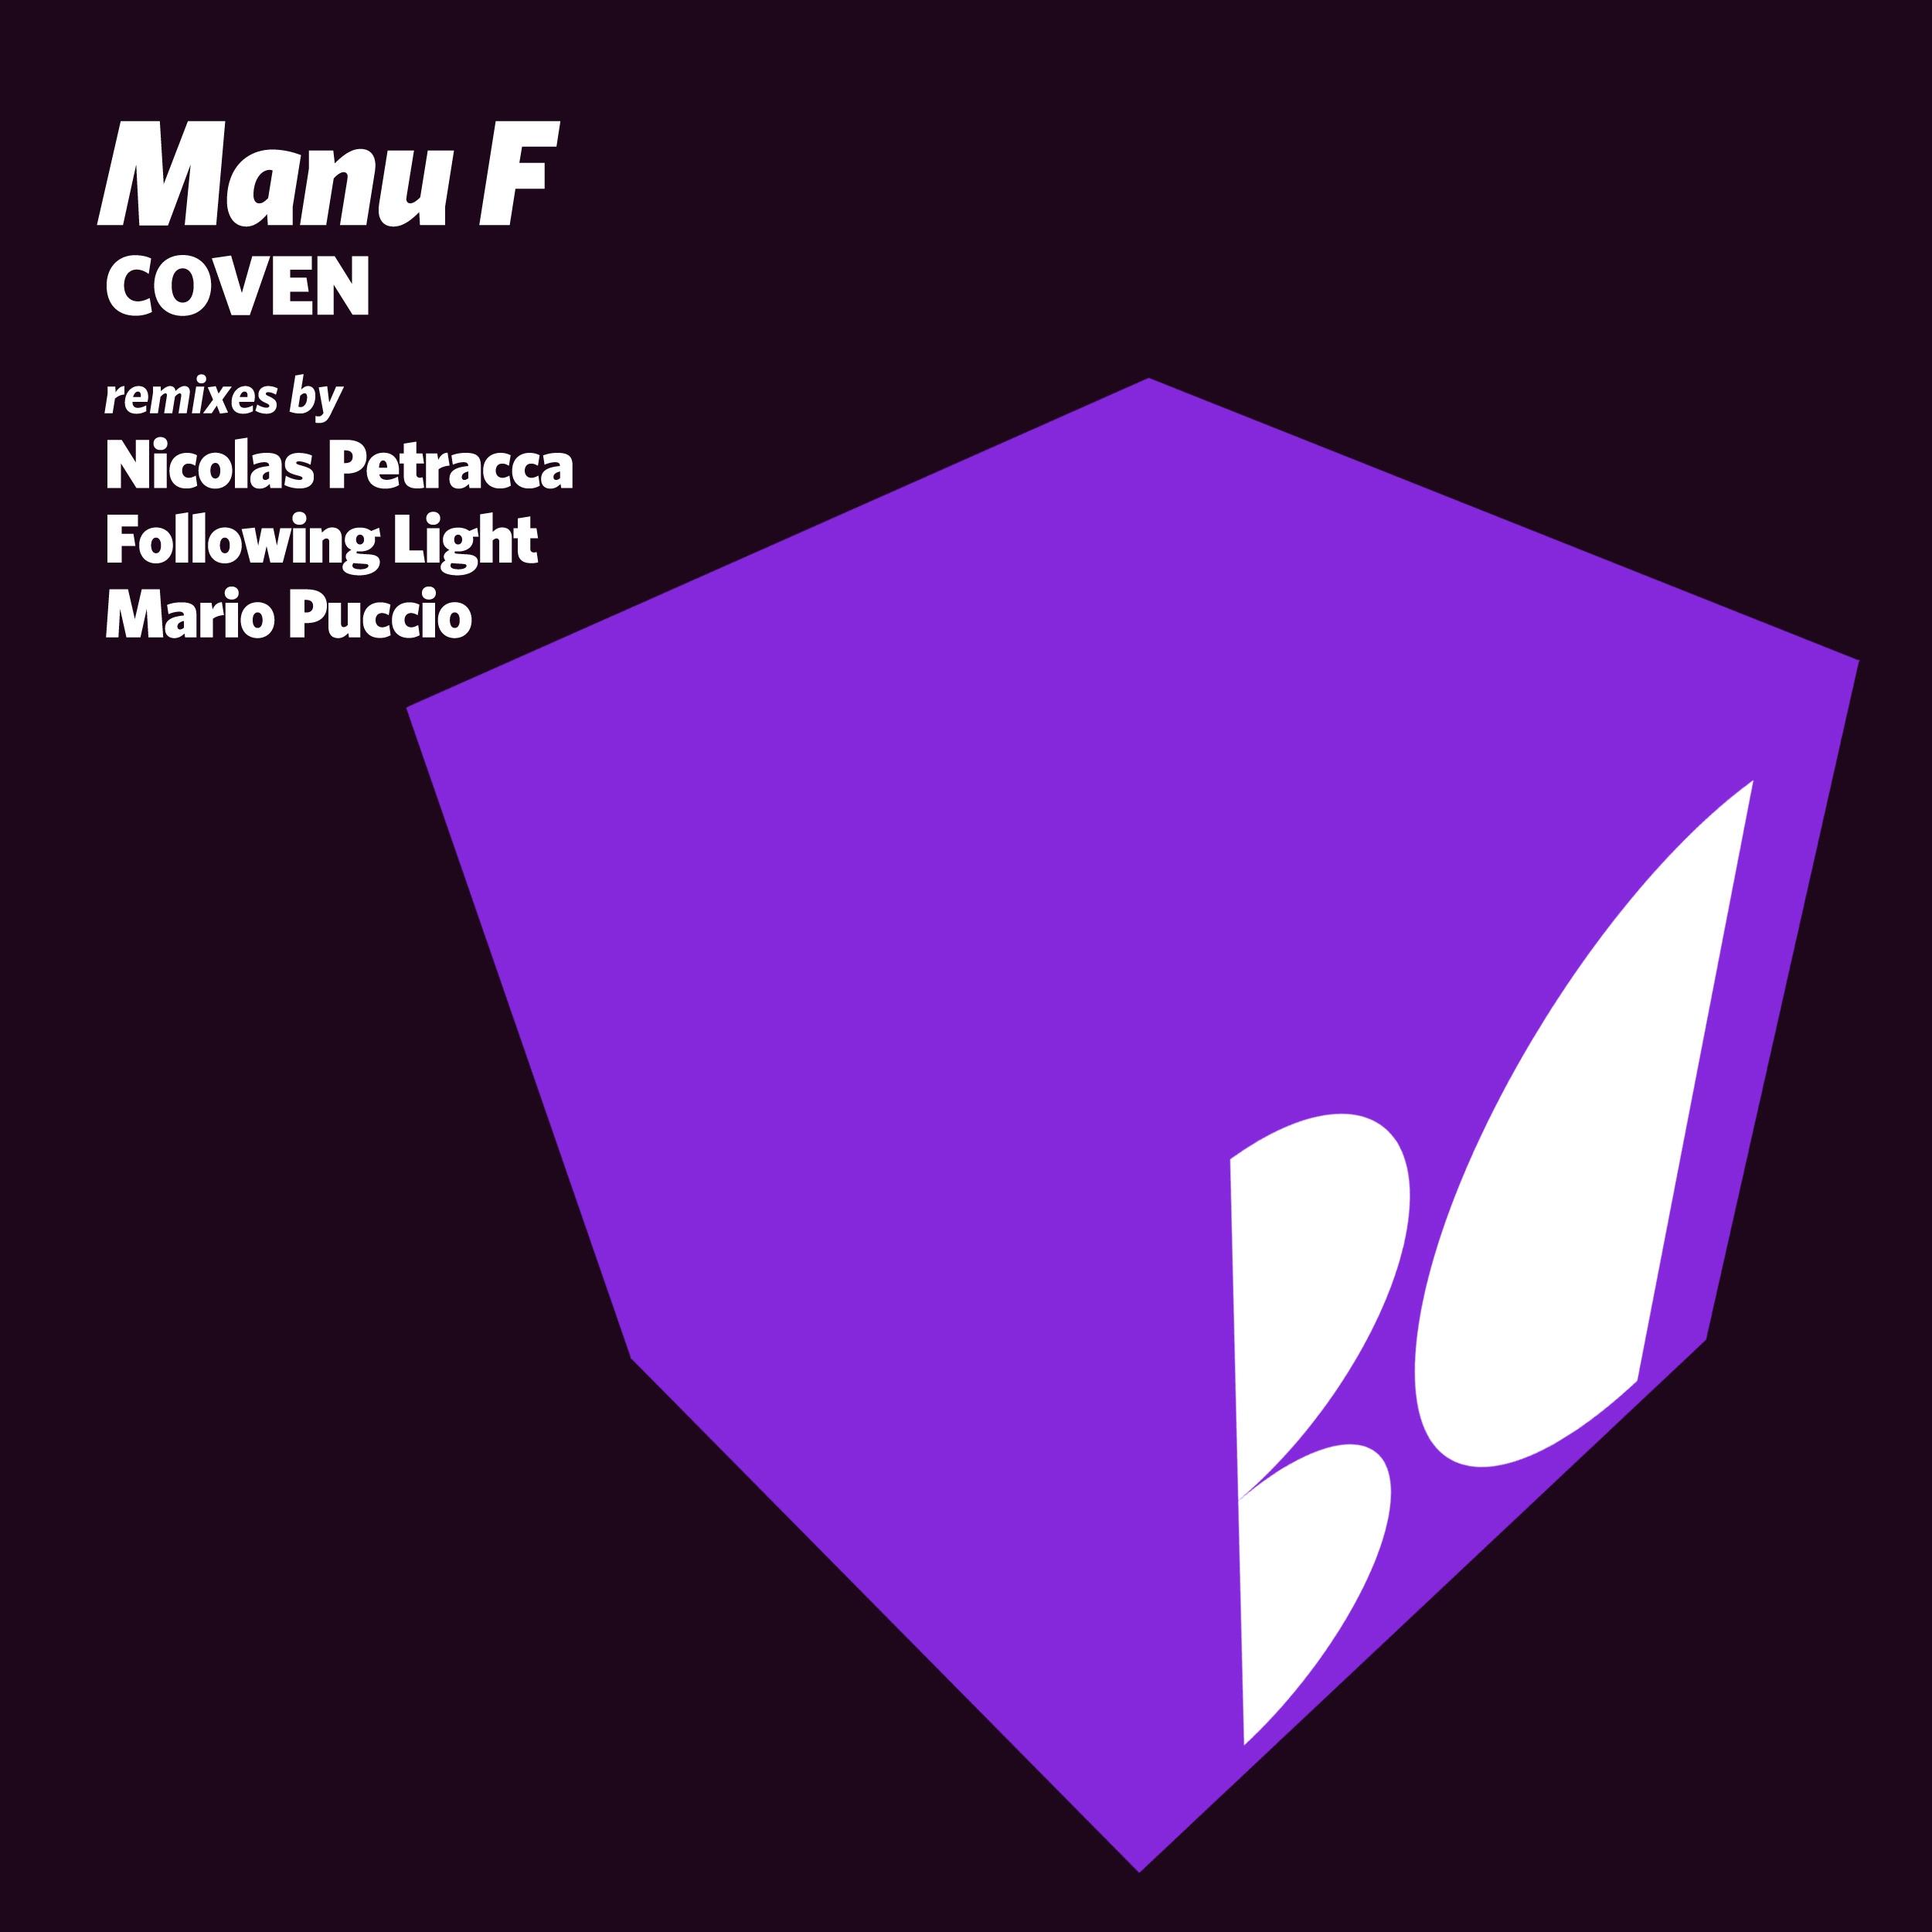 Manu F - Coven